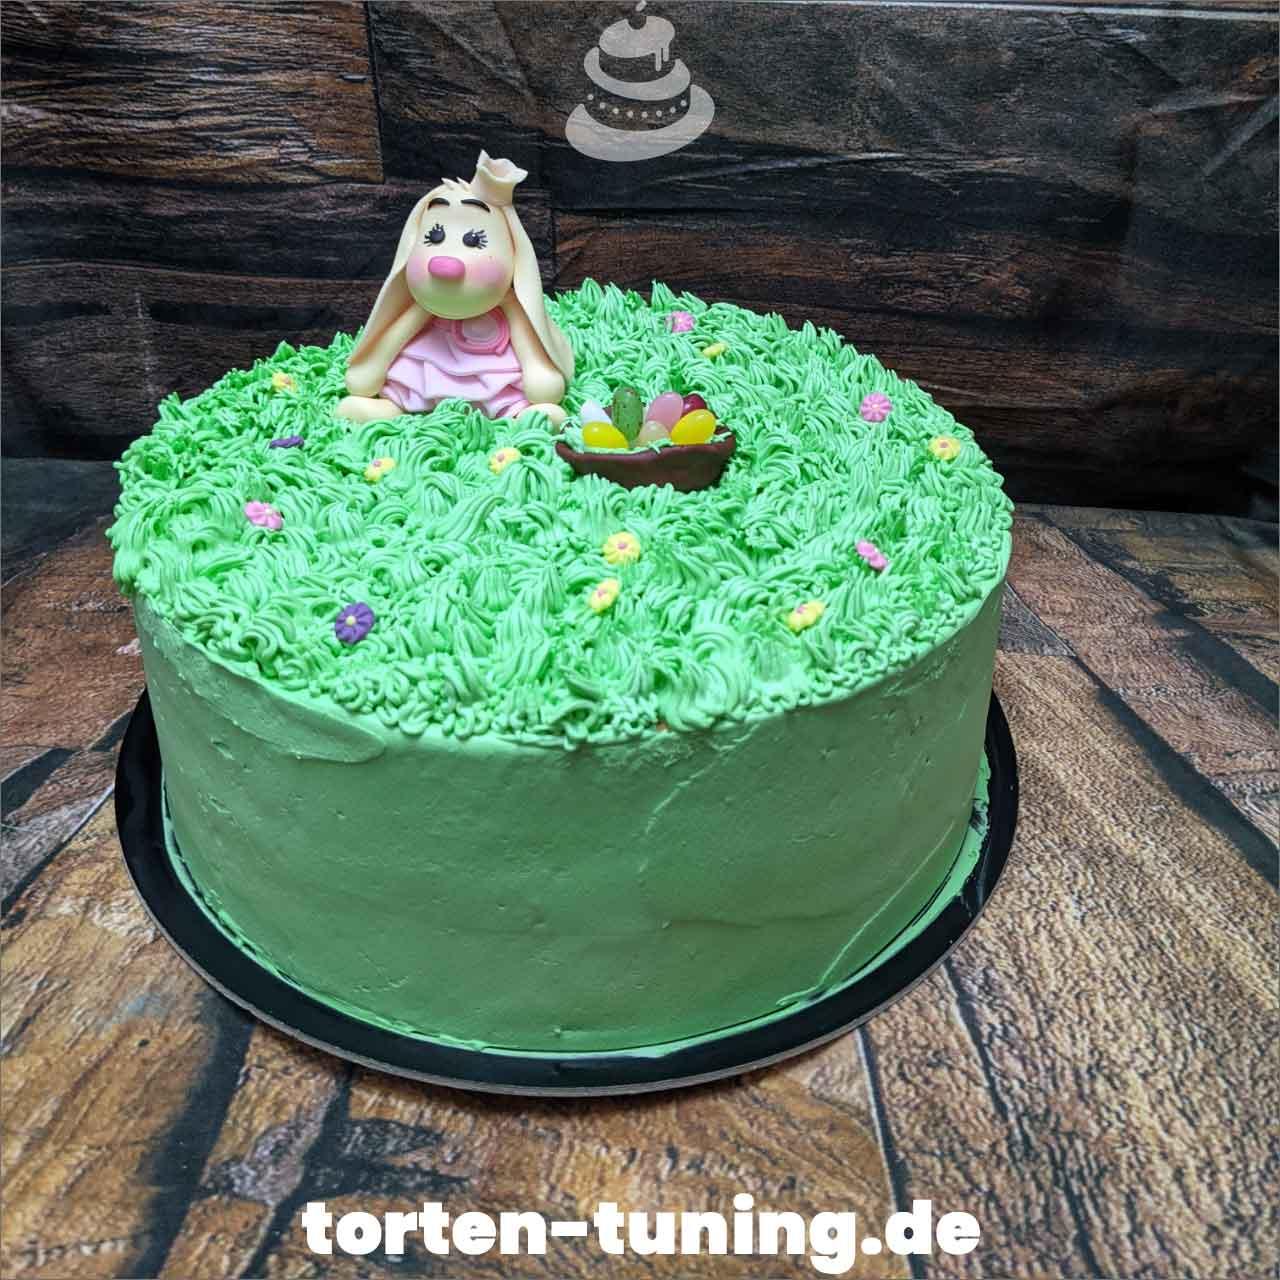 Hase Ostern Dripcake Obsttorte Geburtstagstorte Motivtorte Torte Tortendekoration Torte online bestellen Suhl Thüringen Torten Tuning Sahnetorte Tortenfiguren Cake Topper